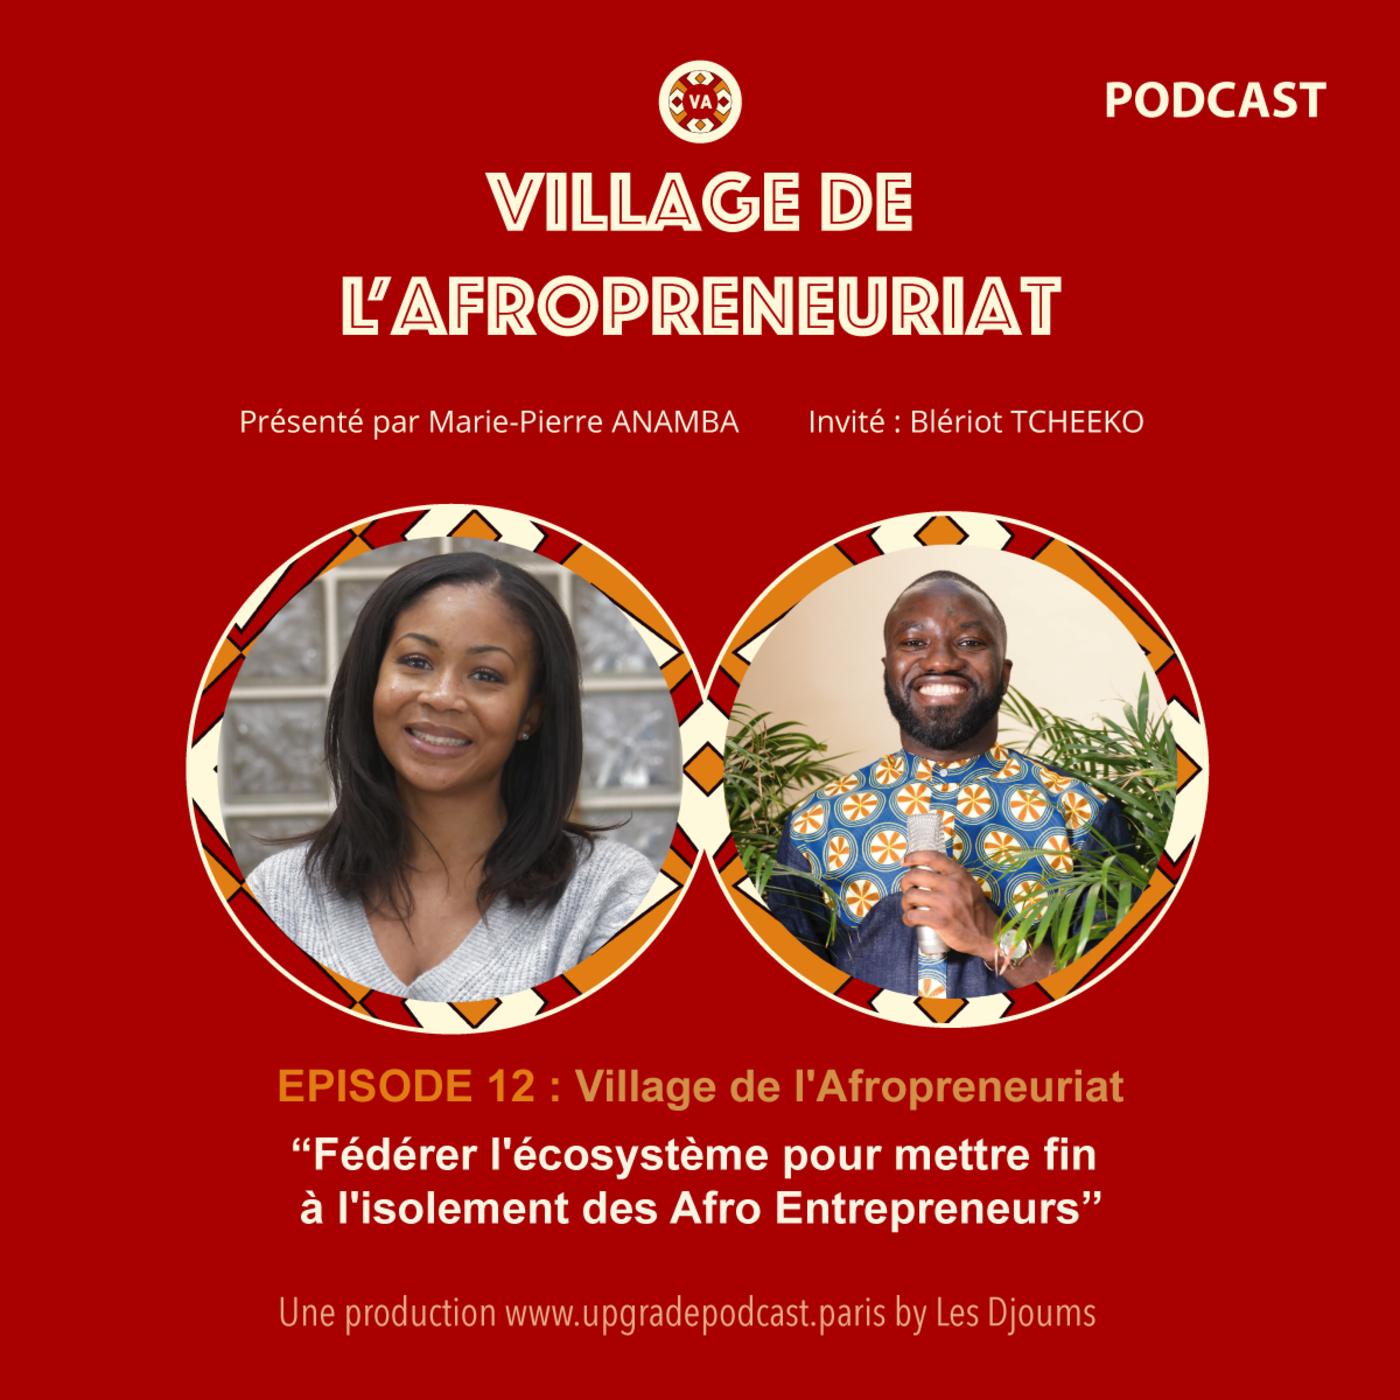 S1EP12 - Fédérer l'écosystème autour des Afro Entrepreneurs - Village de l'Afropreneuriat - Blériot TCHEEKO